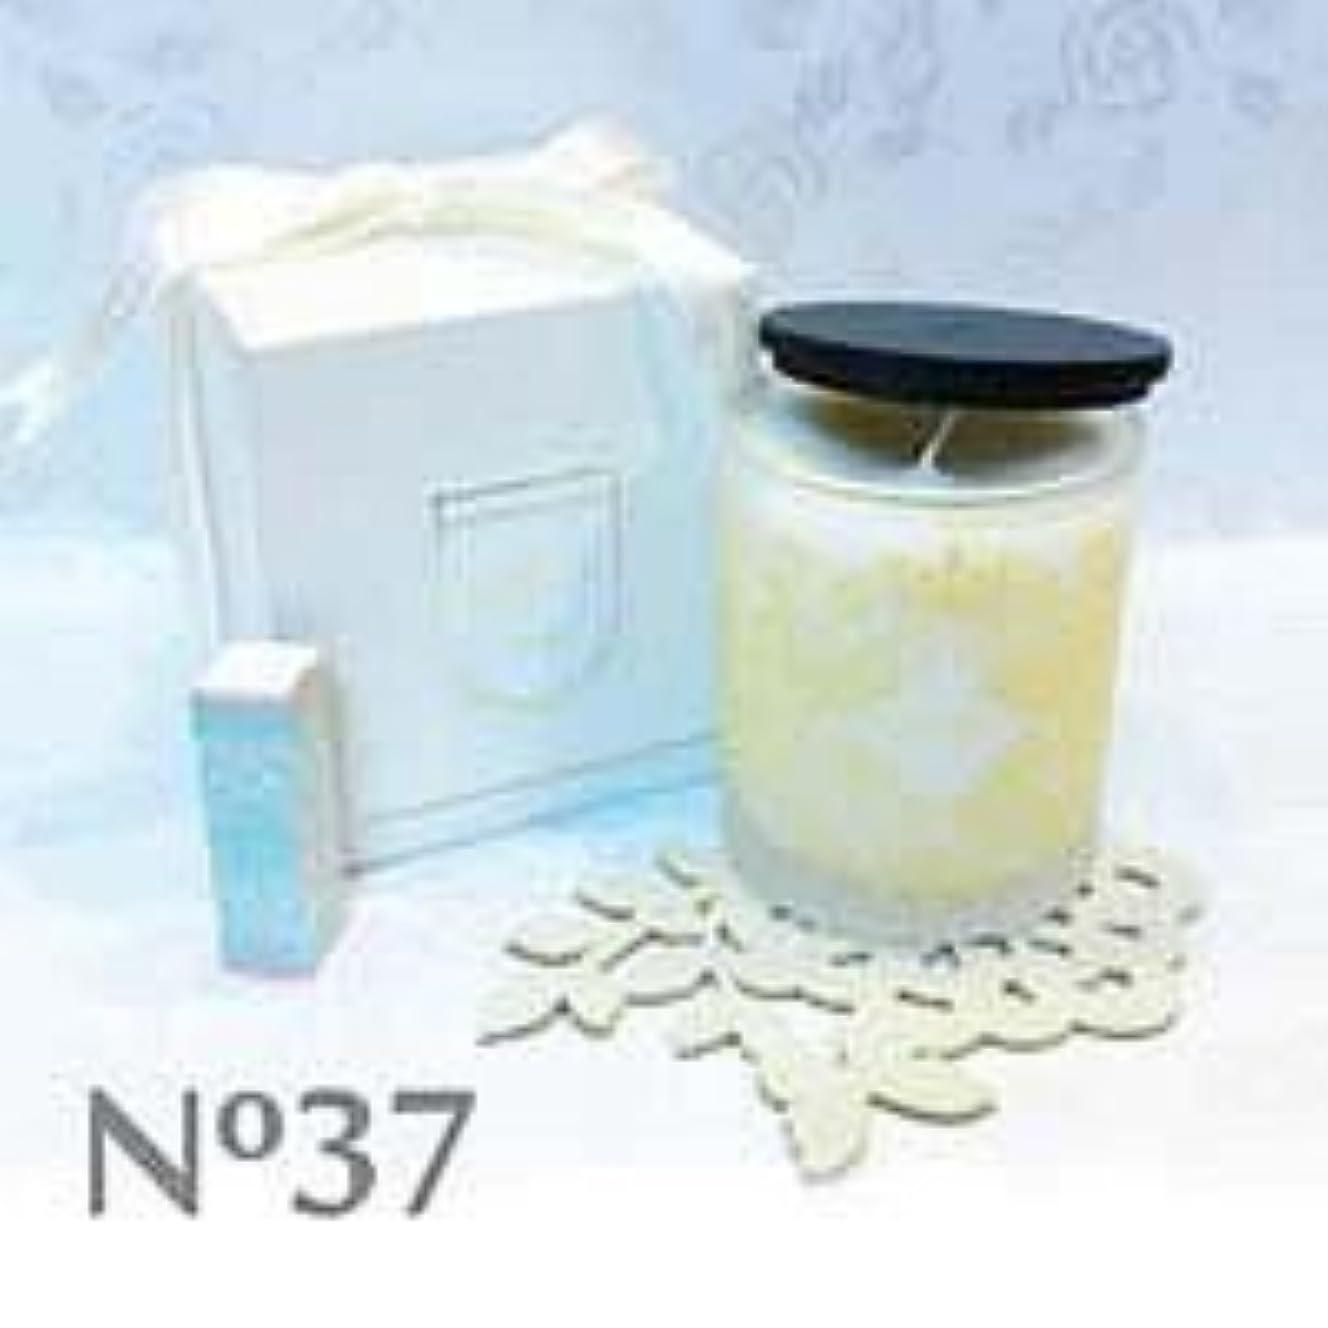 超える剣ベアリングアロマキャンドル parfum No.37